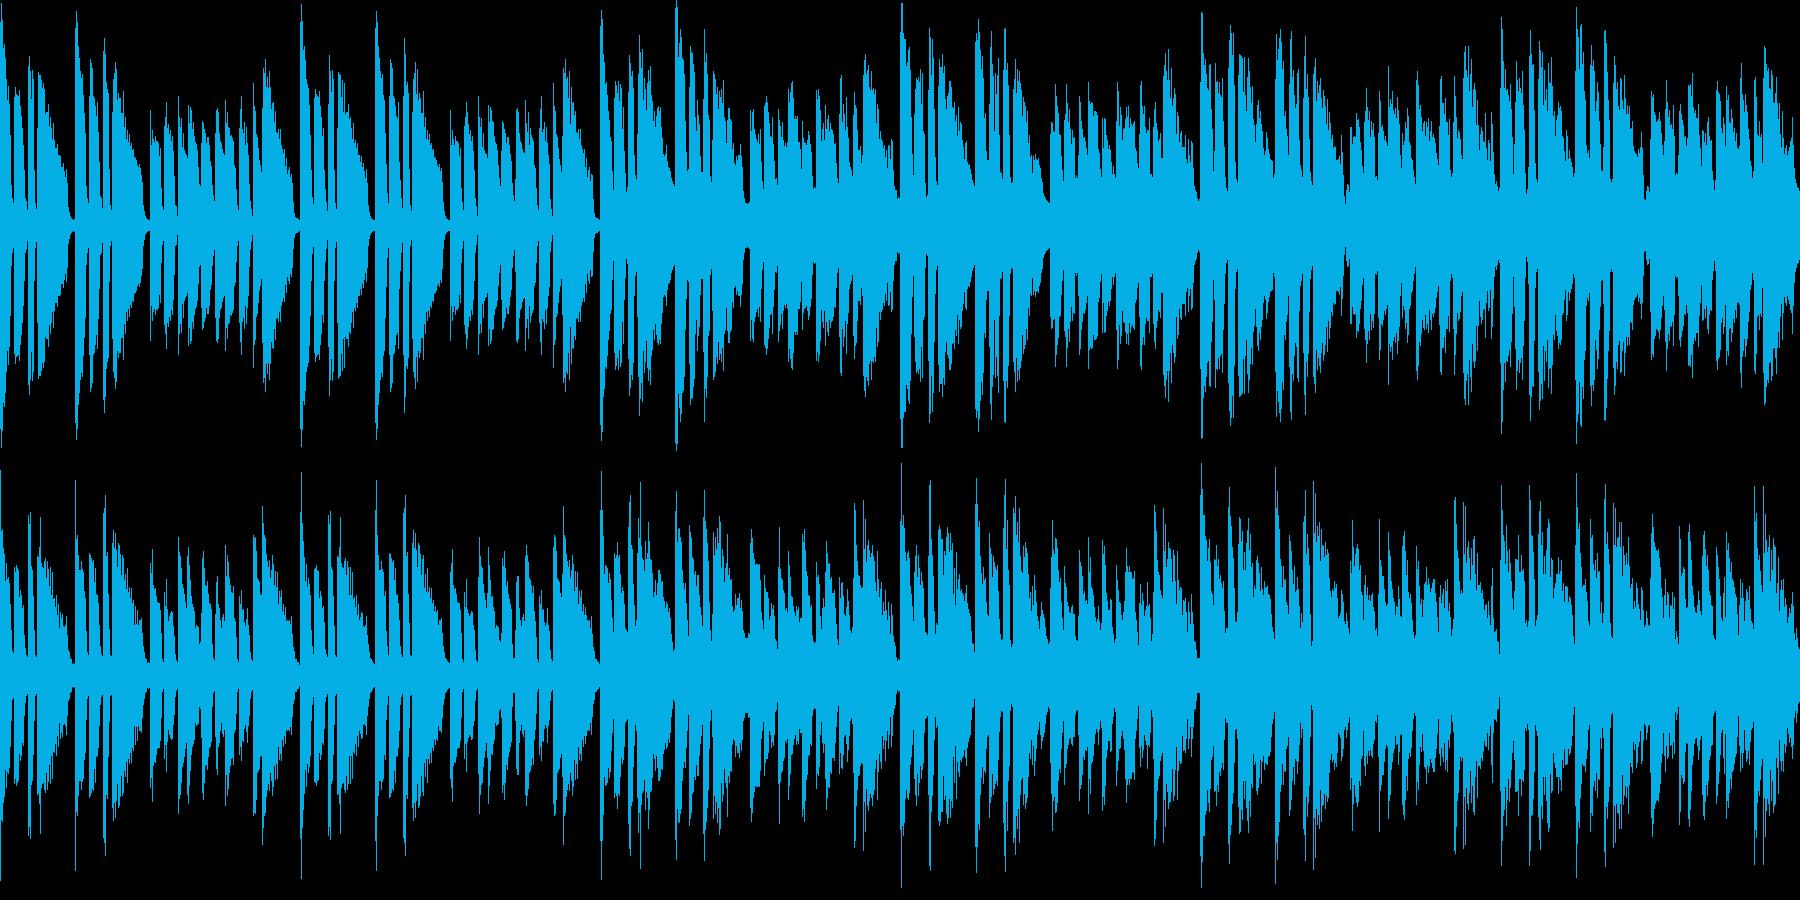 初めての挑戦みたいな曲(ループ仕様)の再生済みの波形